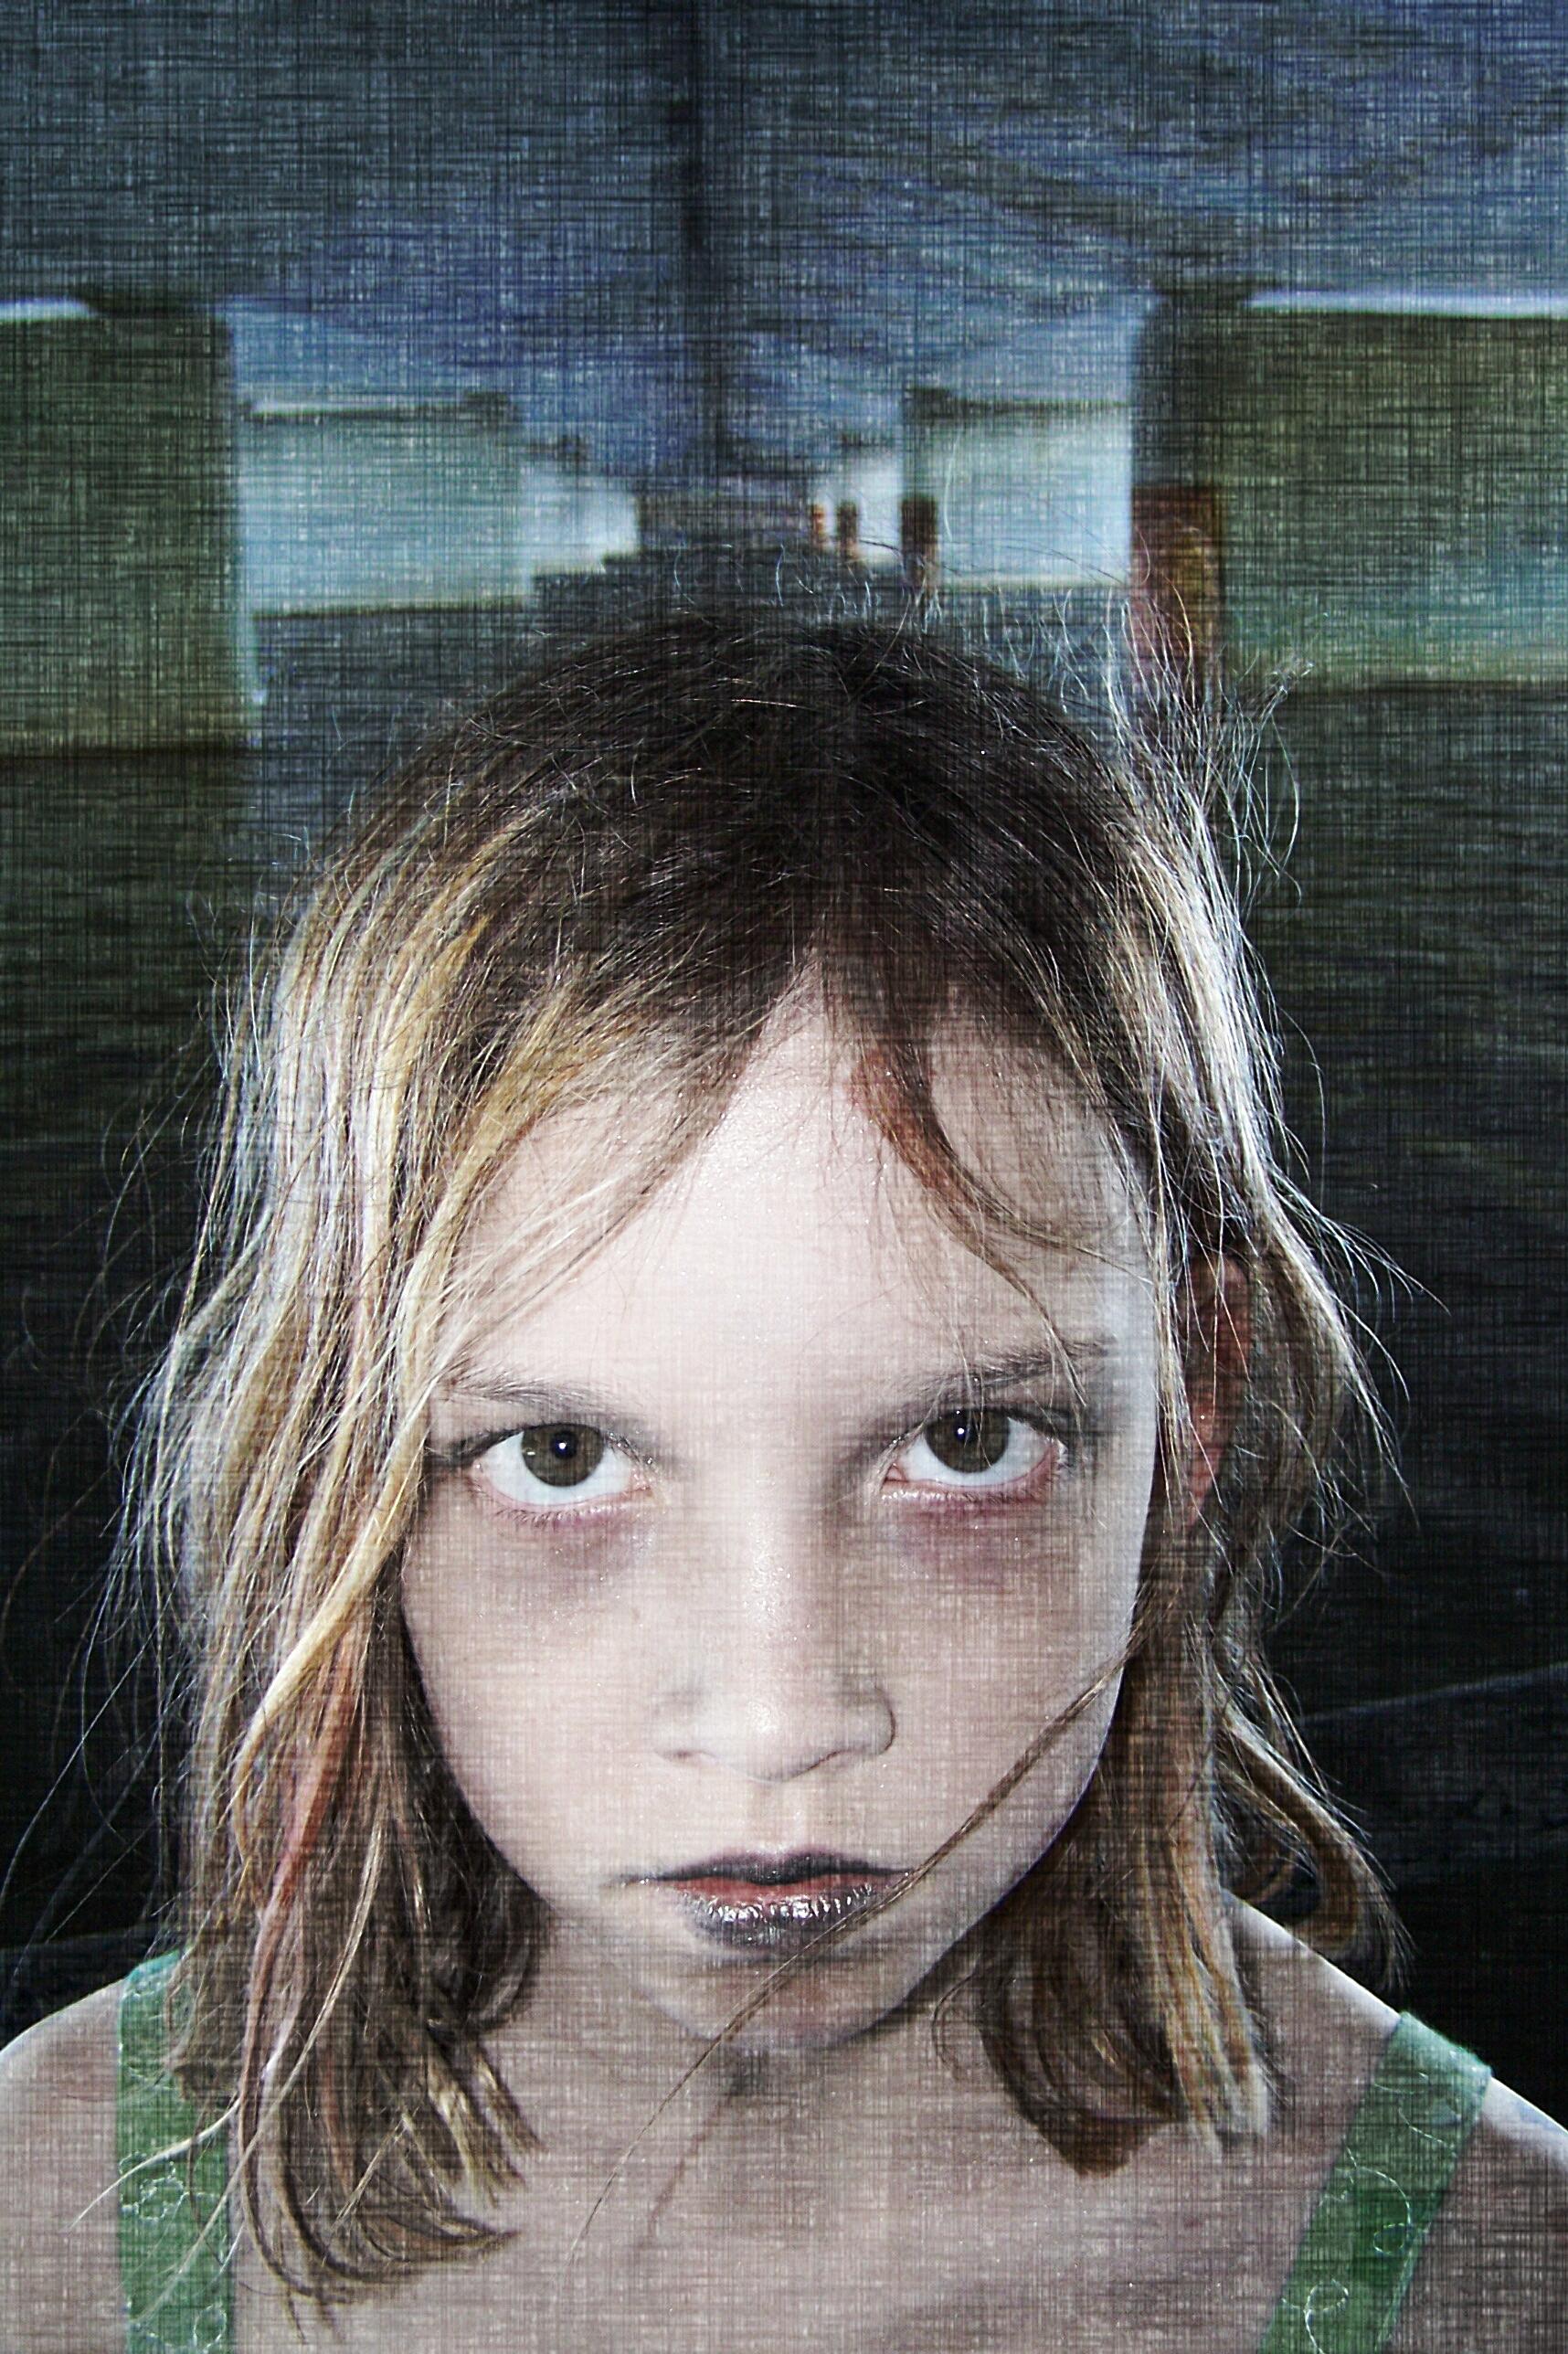 Creepy girl with large eyes under bridge